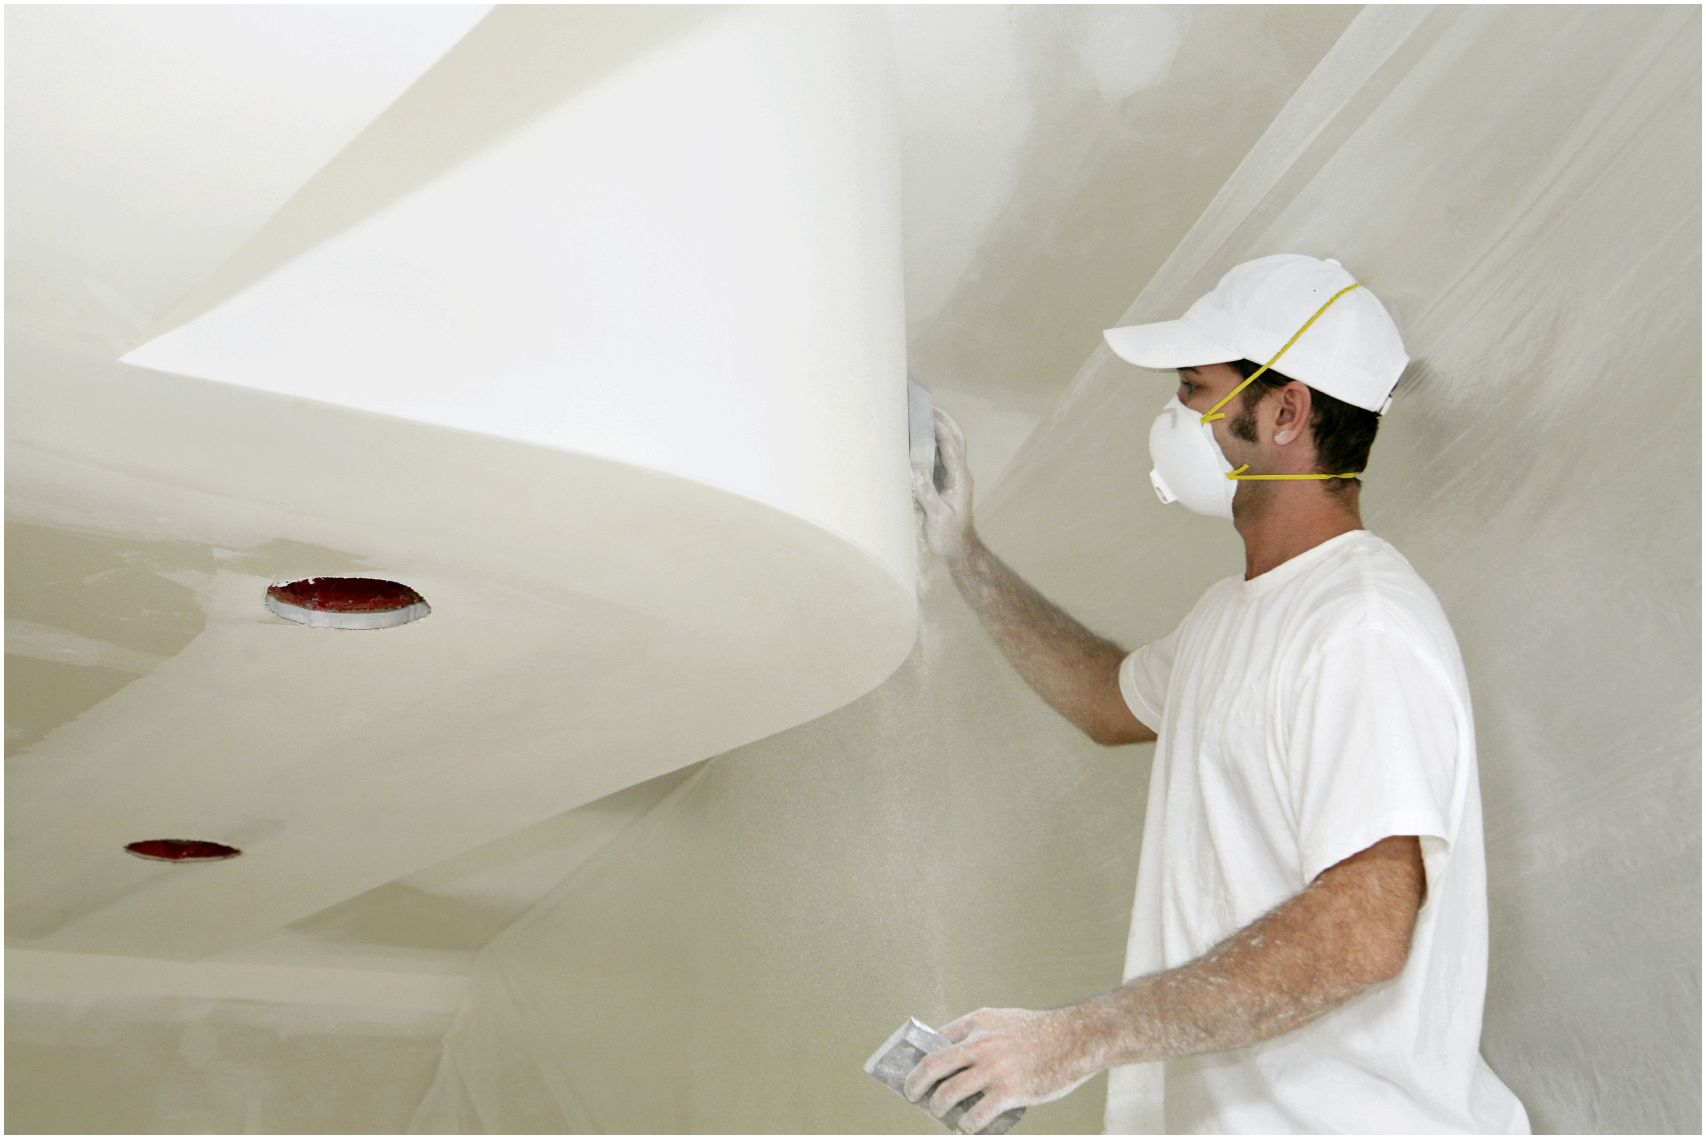 Финишная отделка потолка из гипсокартона своими руками